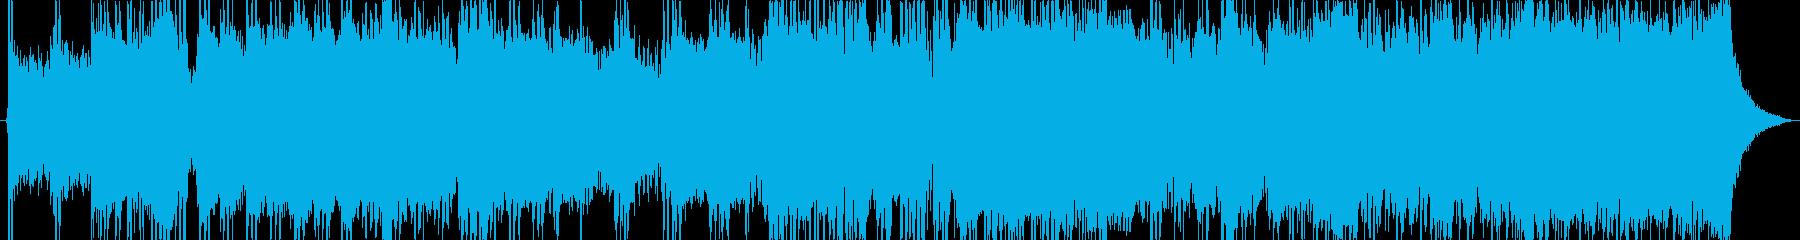 映画・ゲーム用バトルBGM35の再生済みの波形